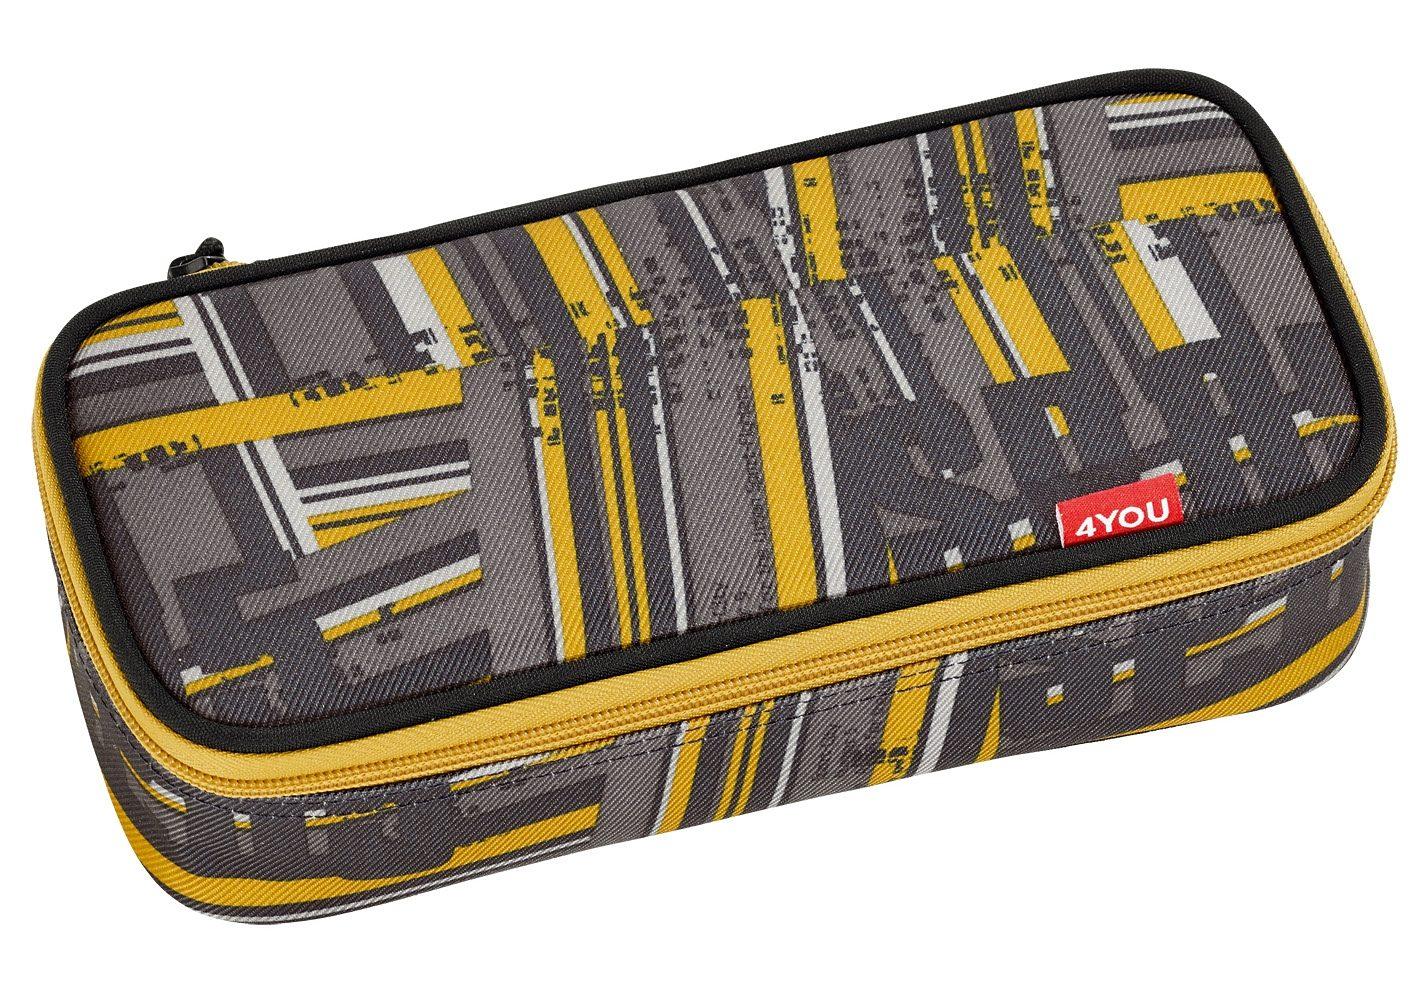 4YOU Mäppchen mit Geodreieck®, Stripes, »Pencil Case«